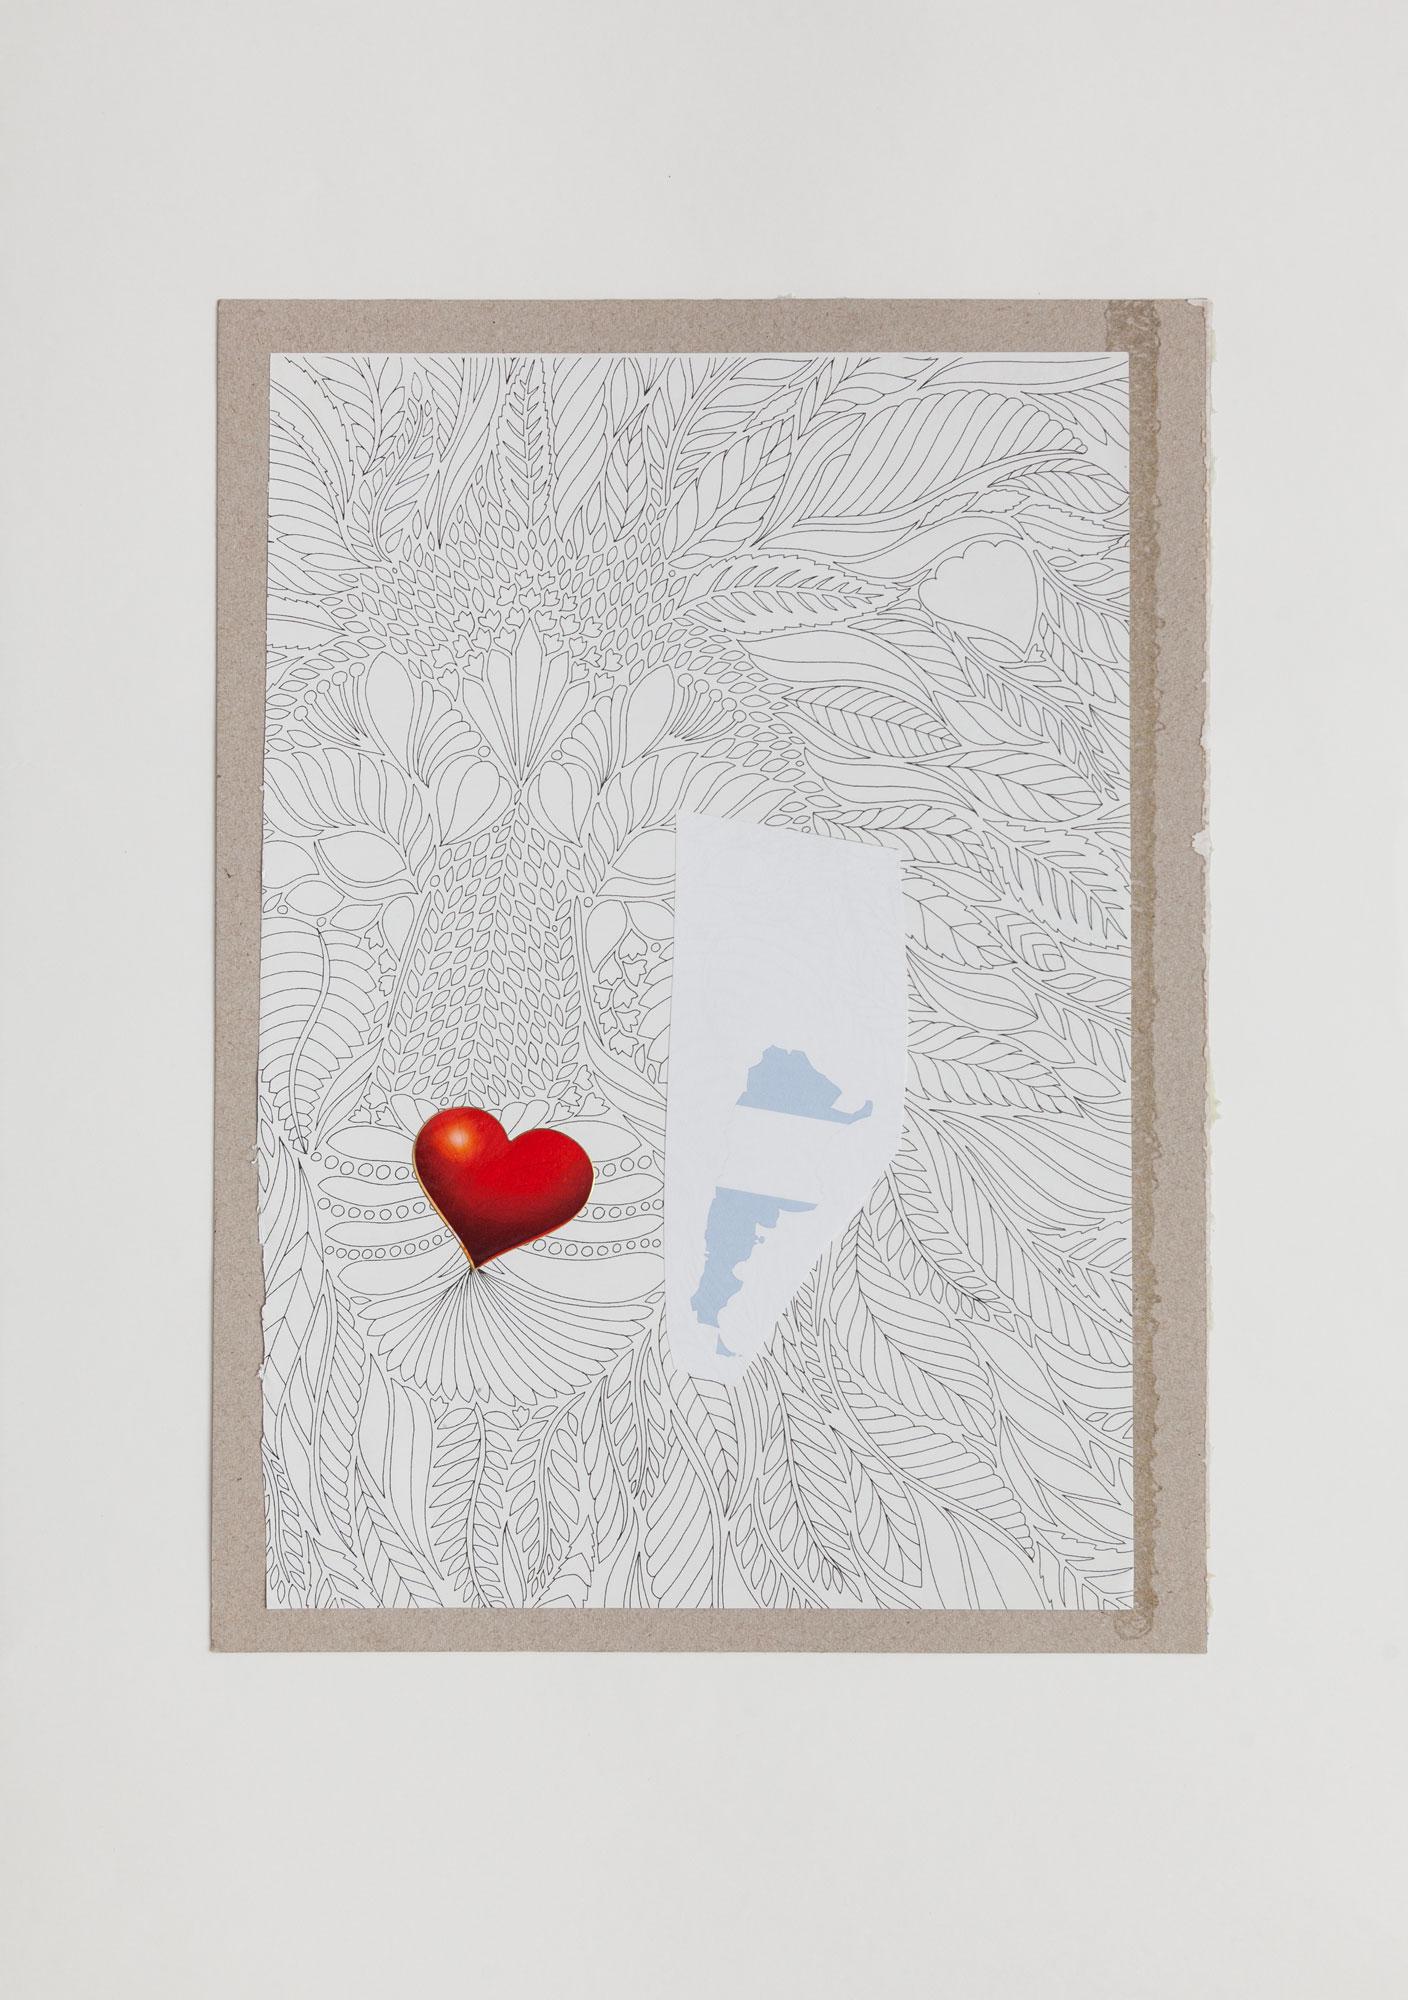 País, serie La sutileza de la imagen_papel collage 30 cm x 22 cm 2020